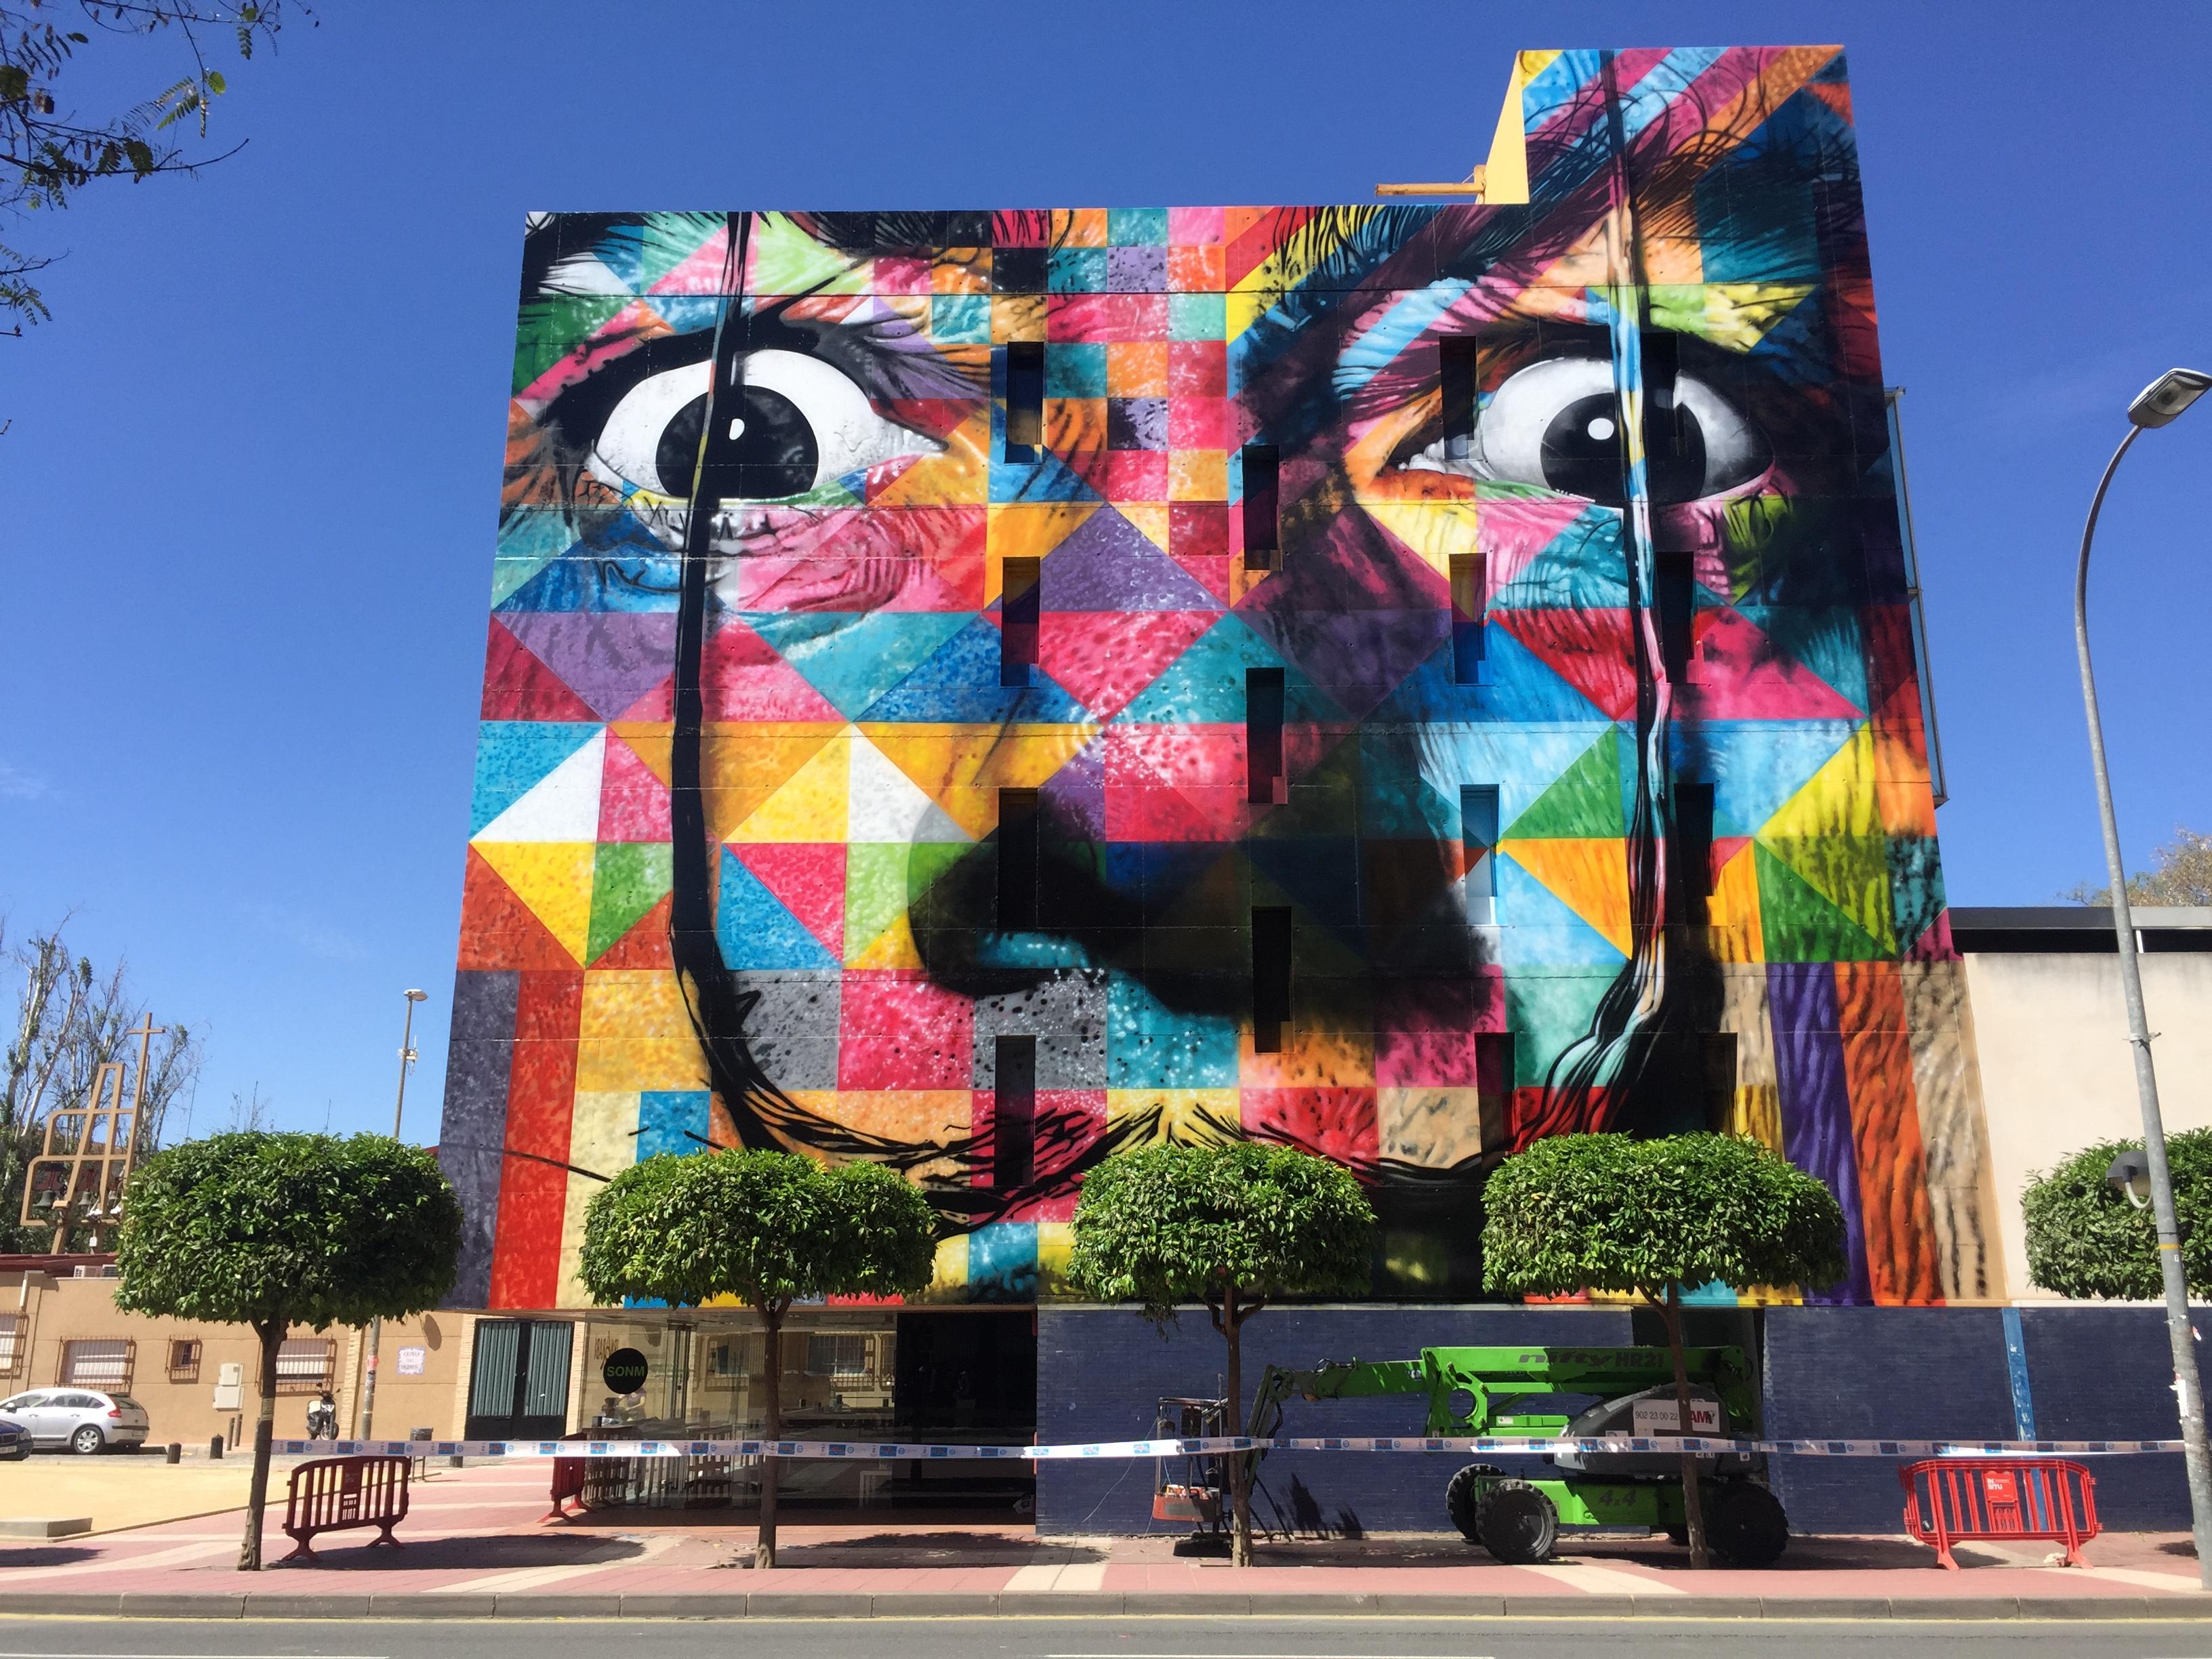 Salvador Dalí, pintura de Kobra na fachada de centro cultural em Murcia, na Espanha.